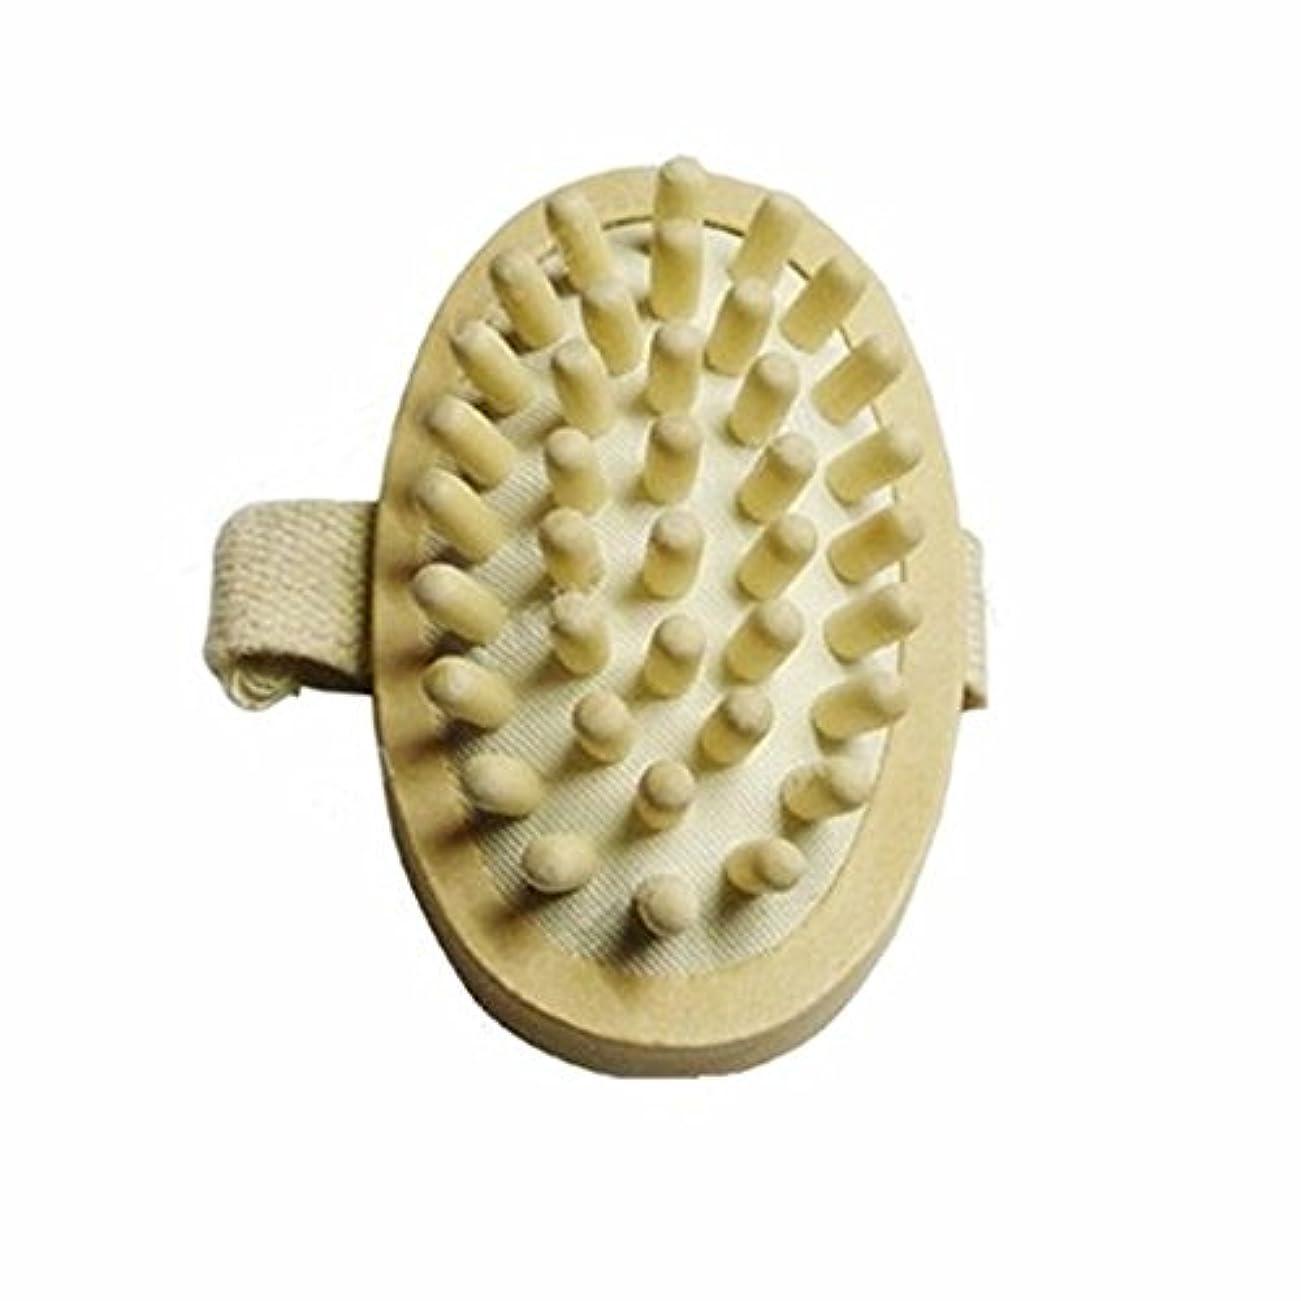 圧縮するアクセサリー協力ThunderStar Natural Wood Wooden Hand-held Massage Circulation Massager Anti Cellulite Sauna Spa Body Brush Cellulite...